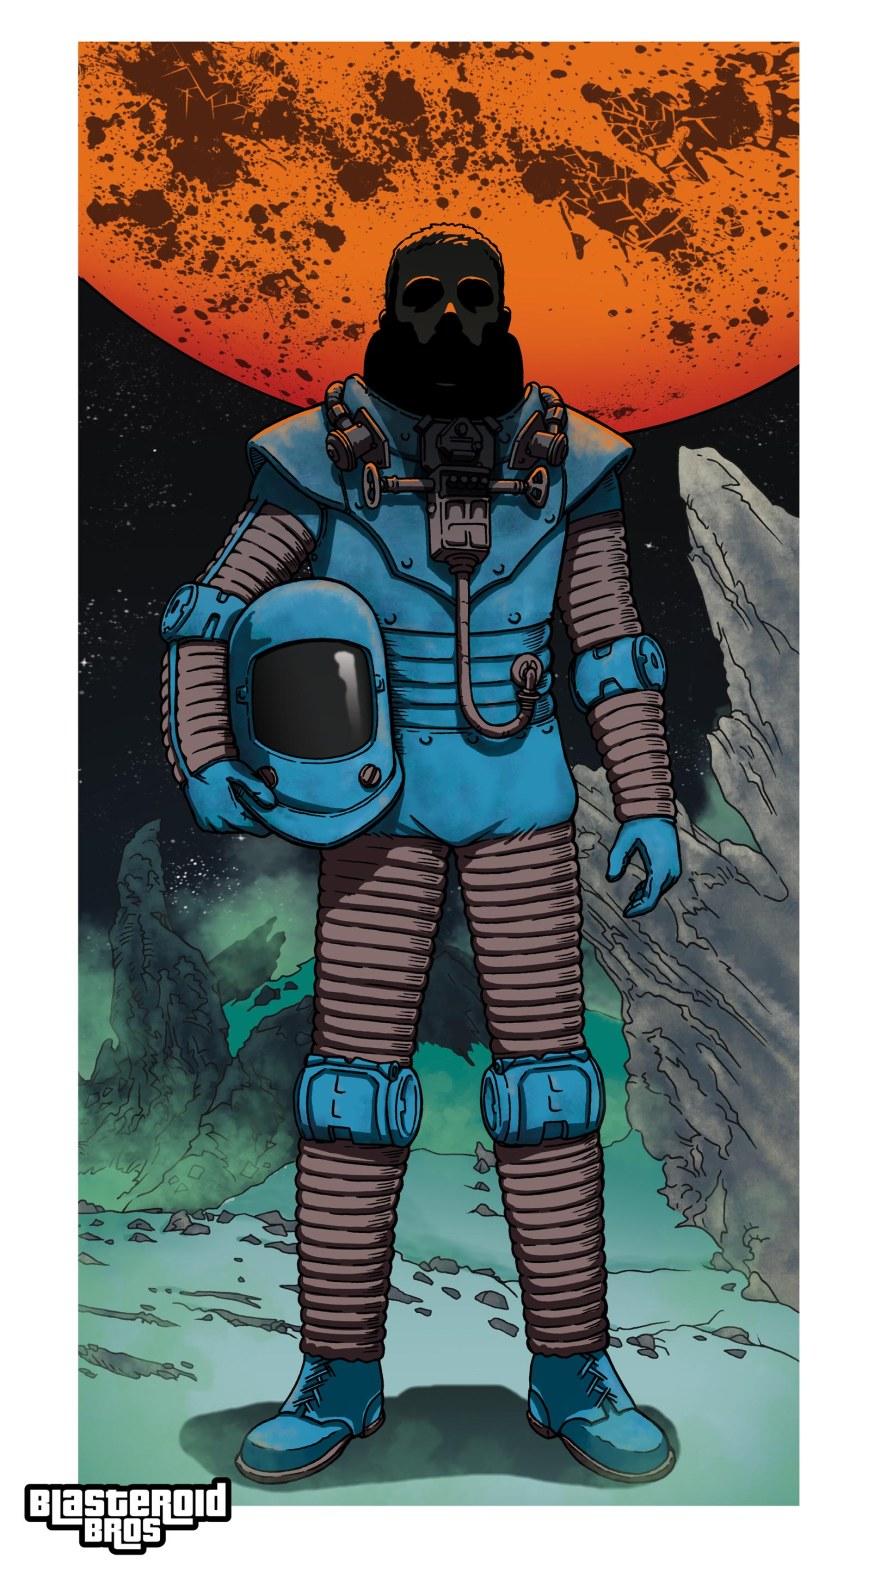 The Shadow Planet – BlasteroidBros